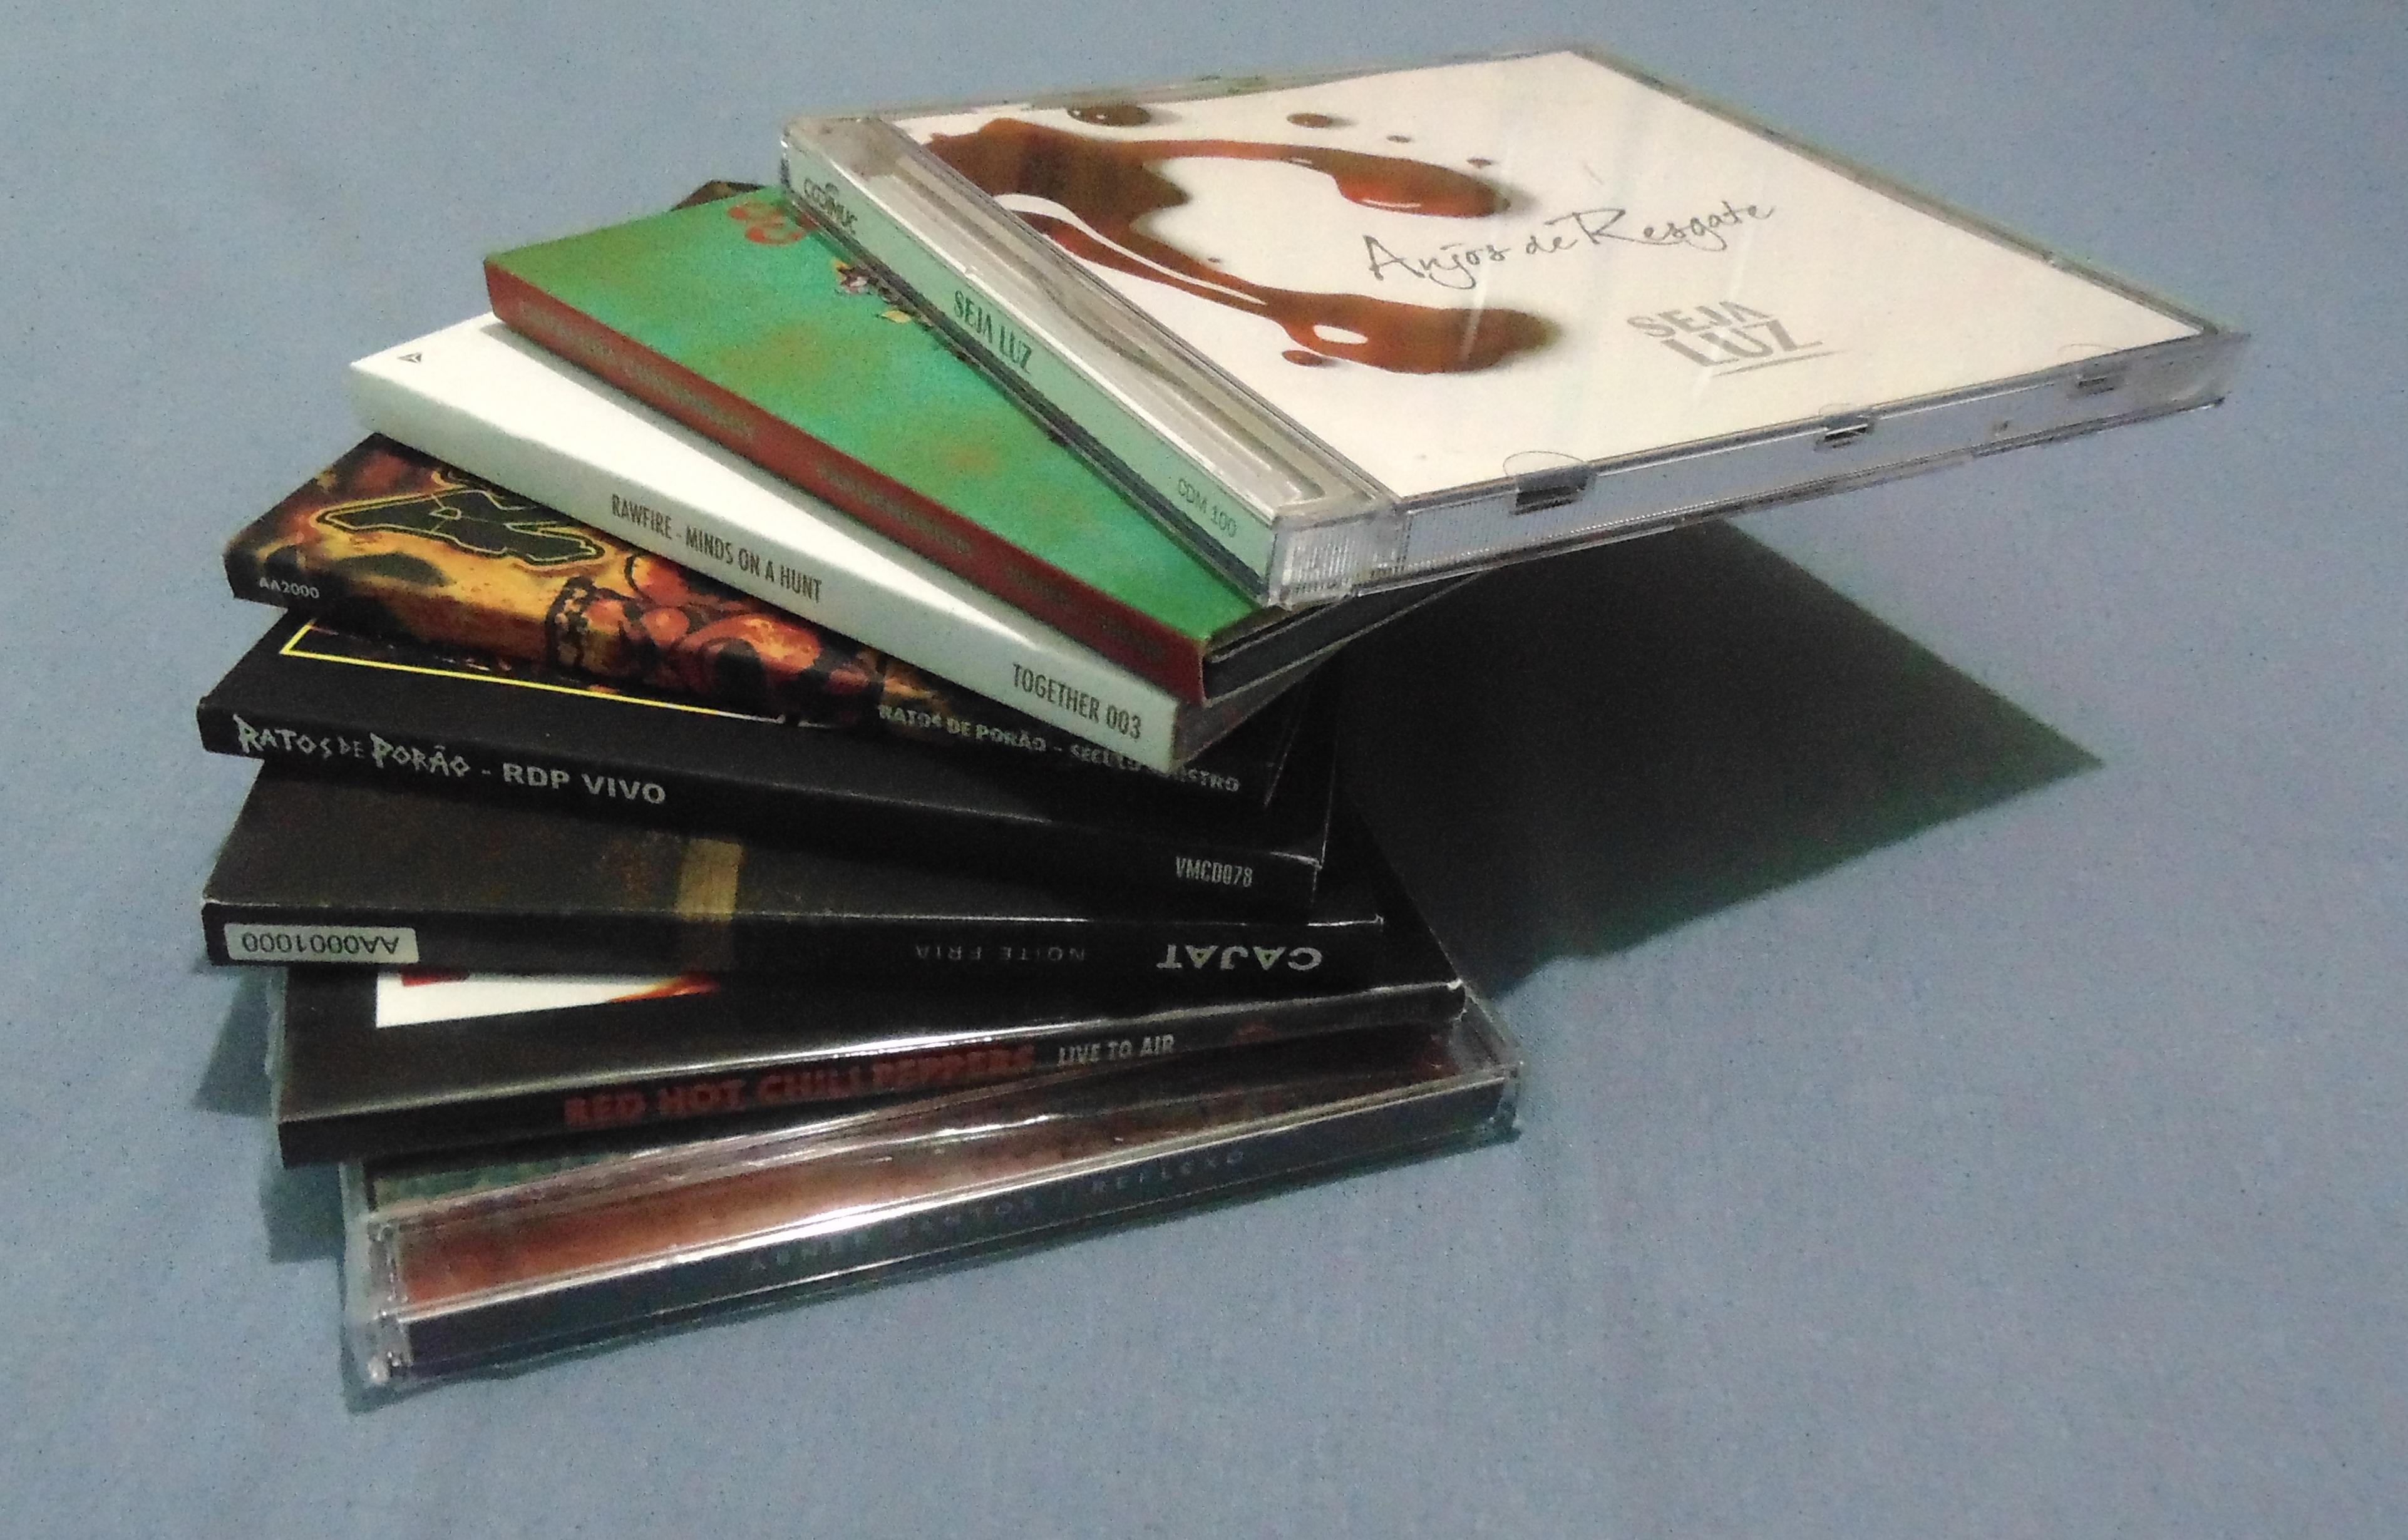 Varios CDs.jpg